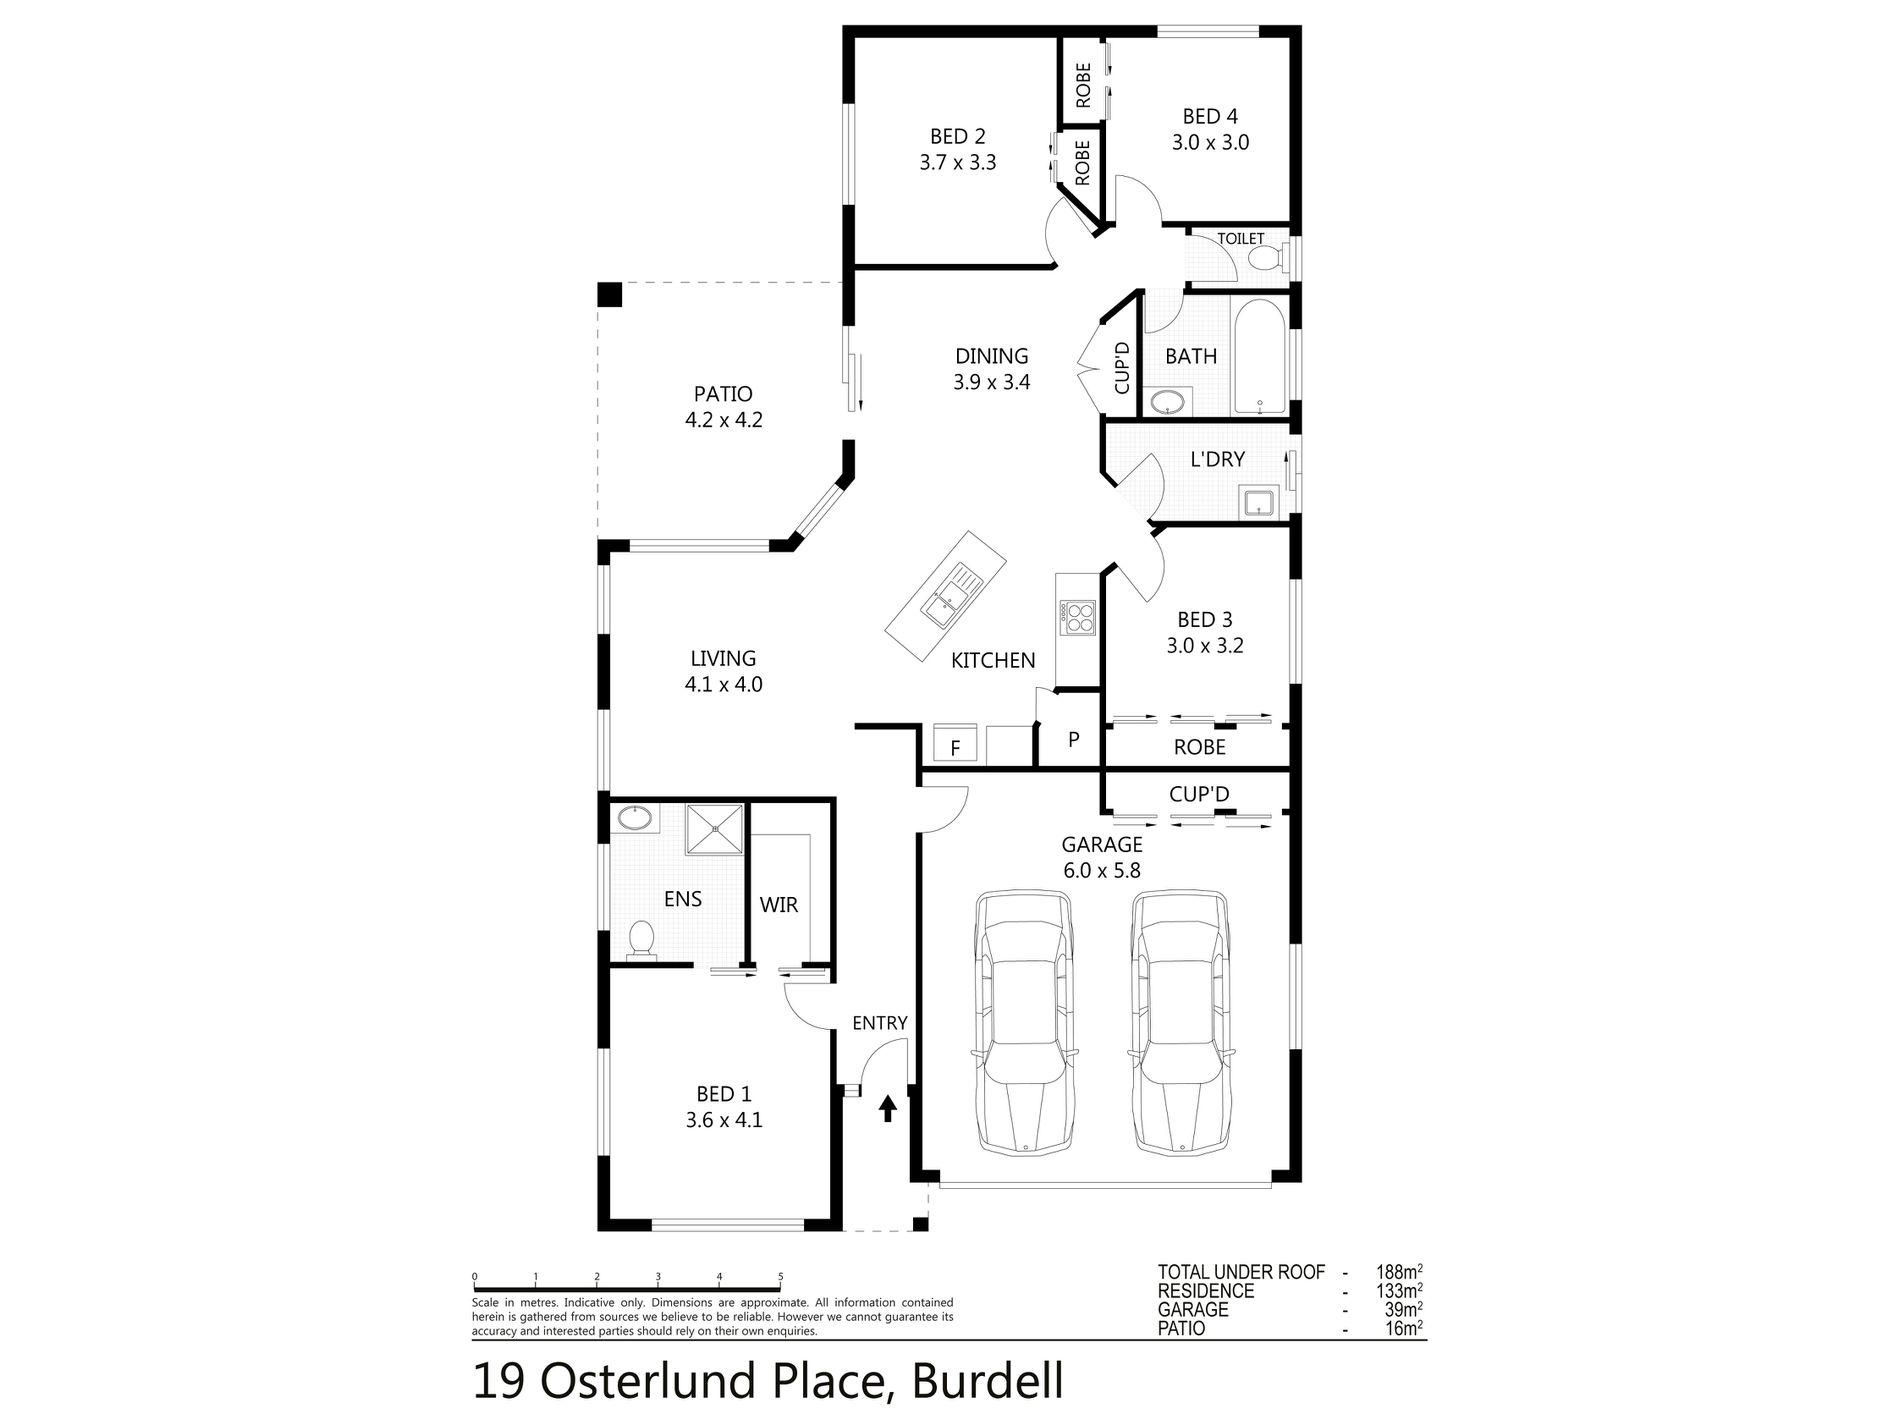 19 Osterlund Place, Burdell